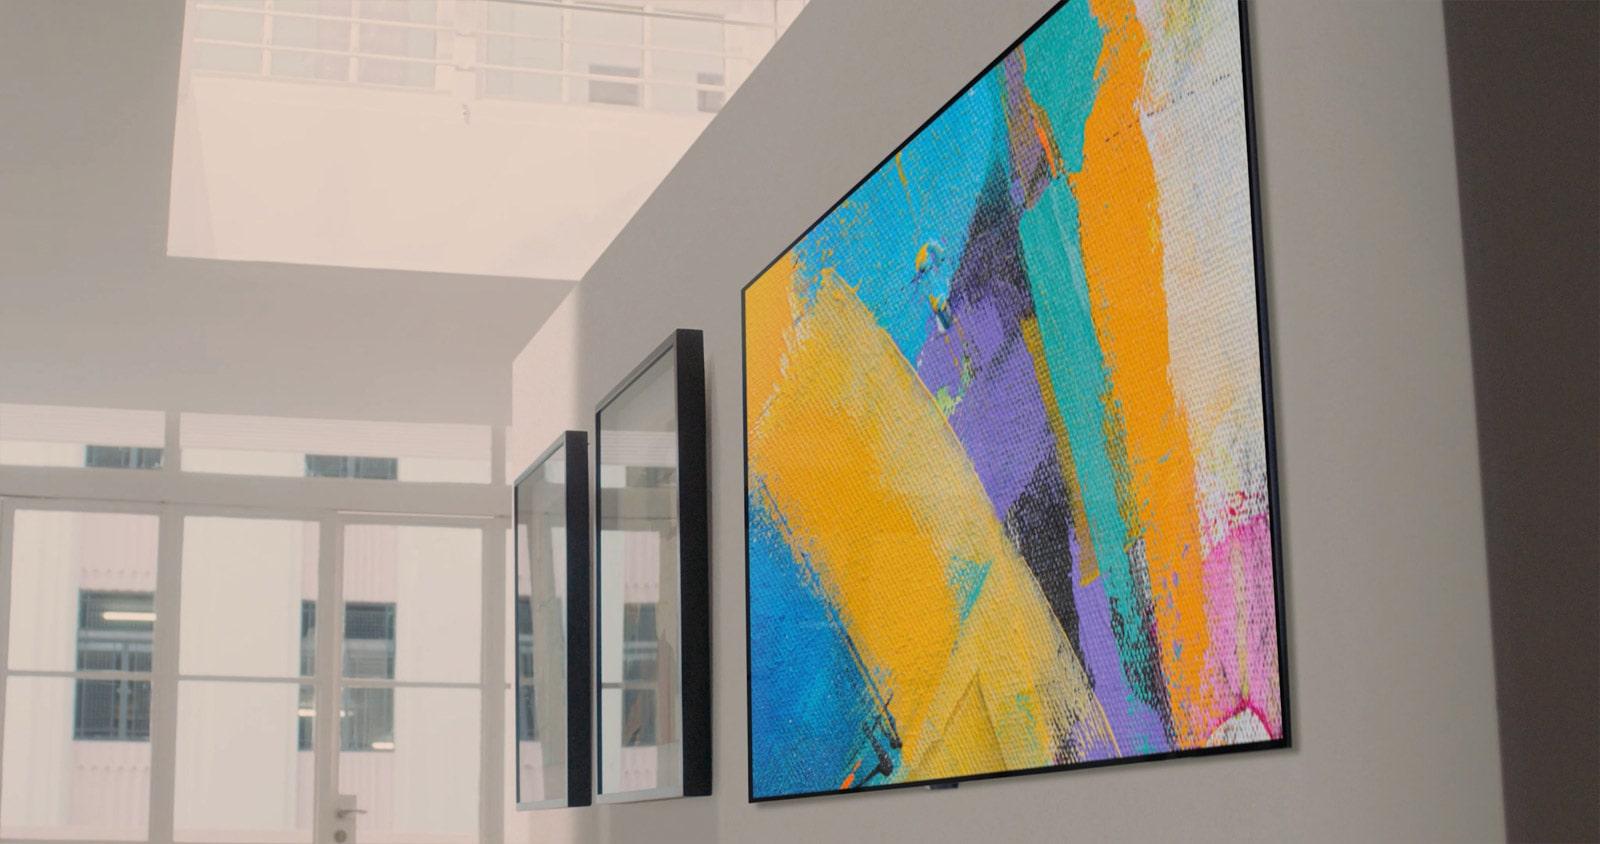 Pregled videozapisa instalacije LG Gallery Design TV